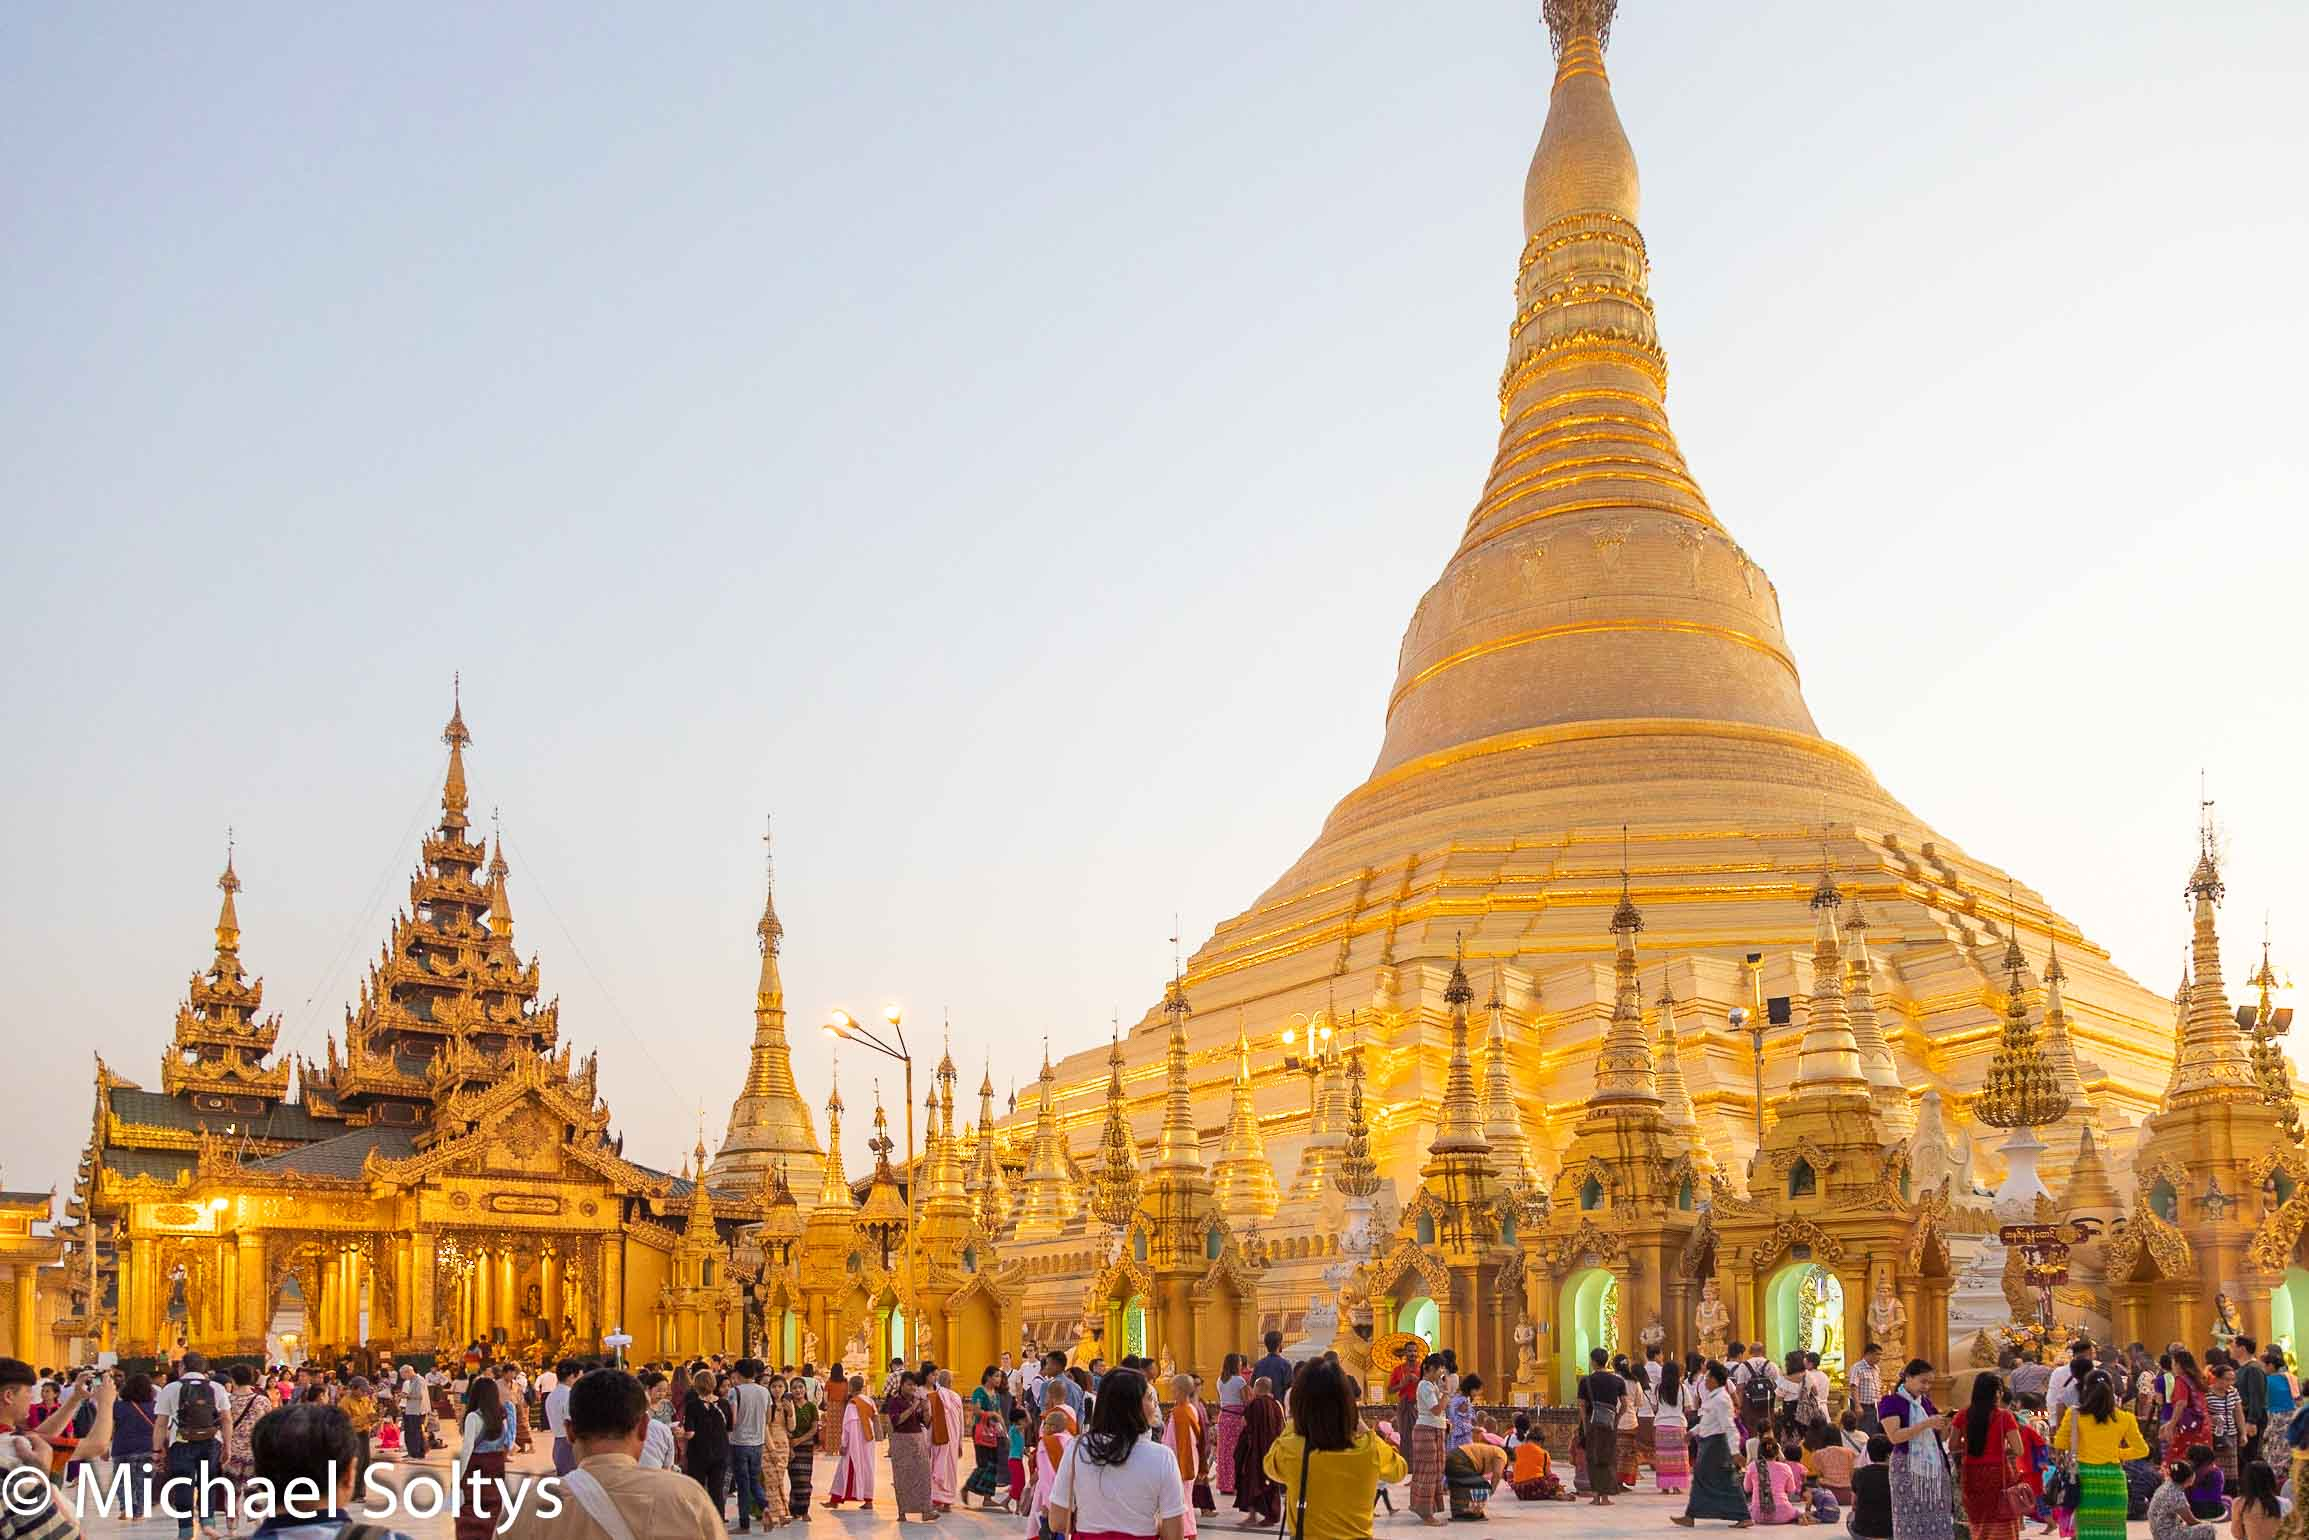 Die Besucher drängen sich auf den Plätzen rund um die Shwedagon-Pagode in Myanmar.